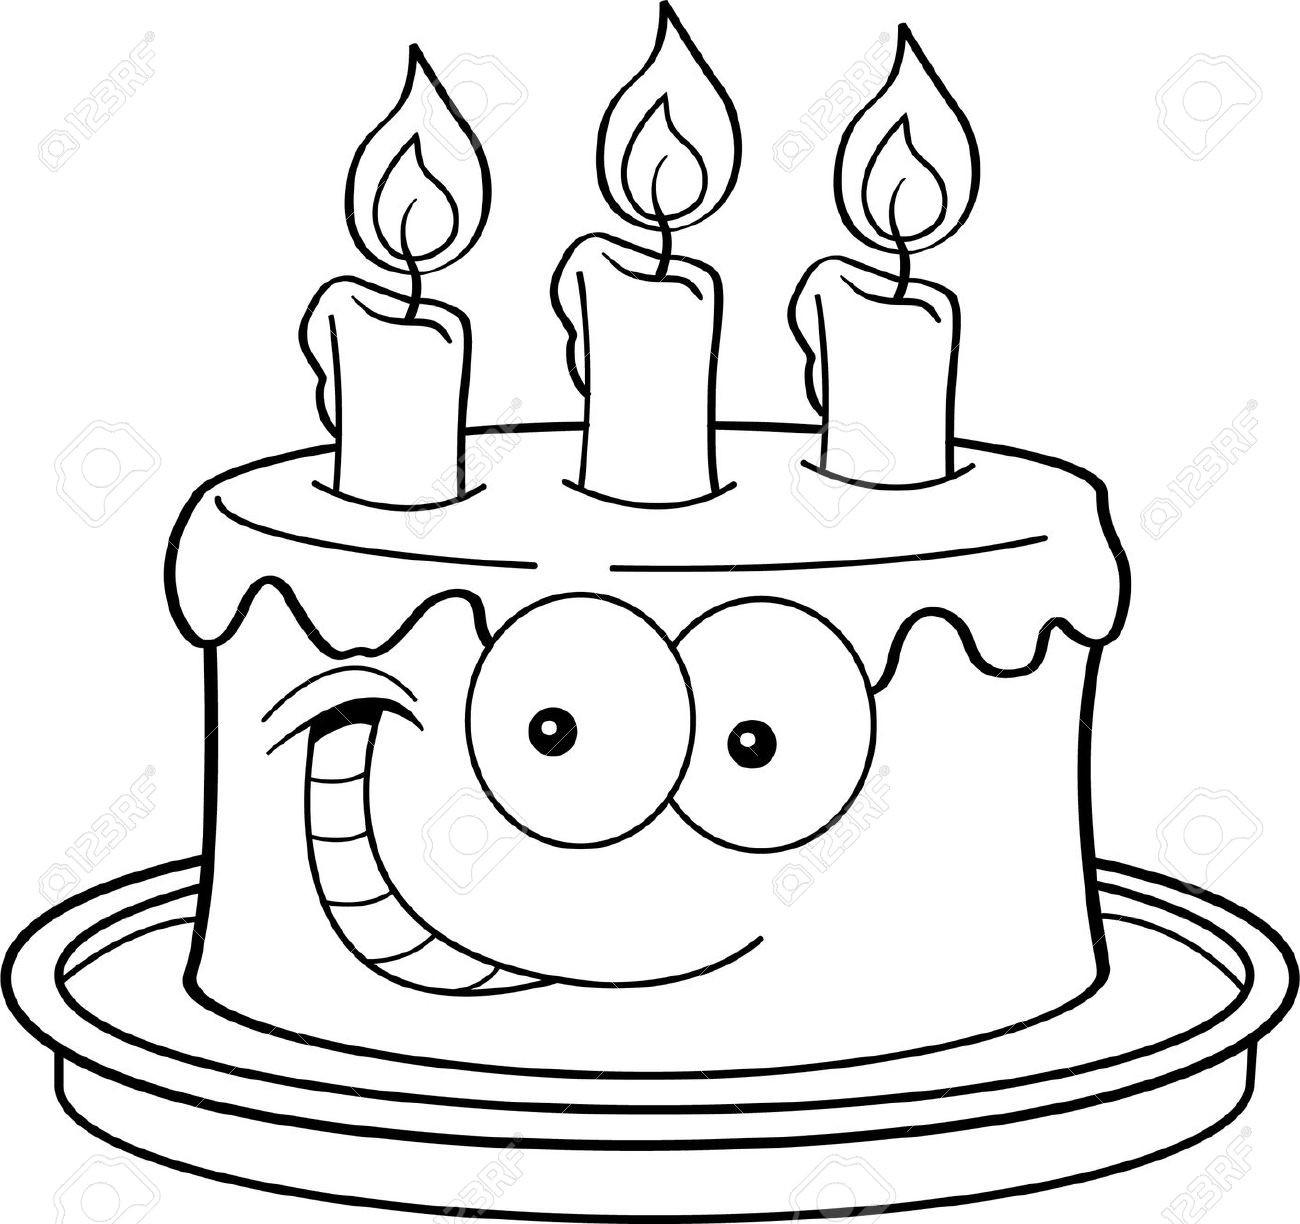 Geburtstagskuchen Clipart Schwarz Weiß  Clipart kuchen schwarz weiss